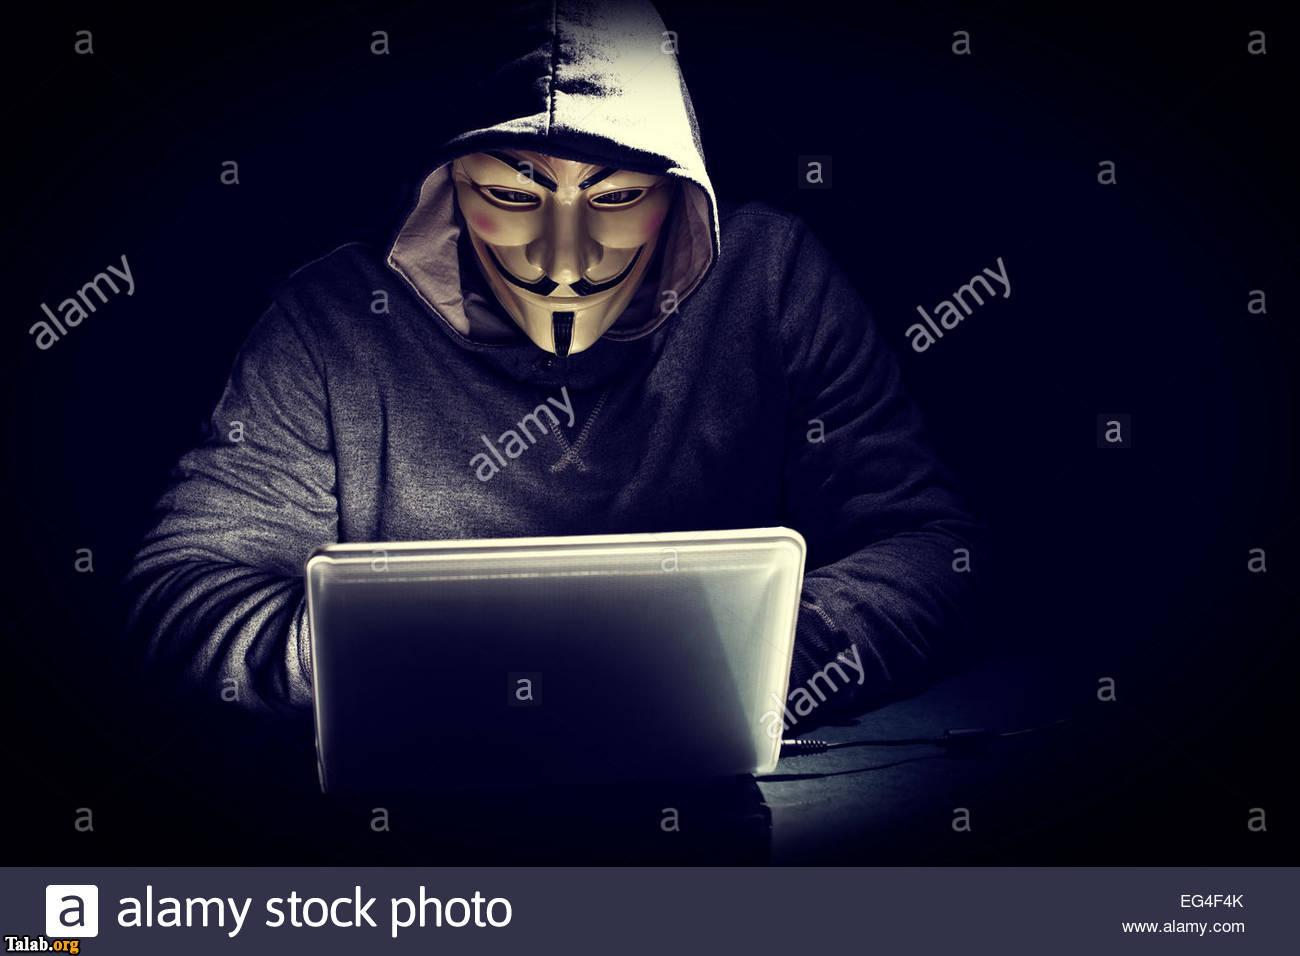 روش هایی برای جلوگیری از هک شدن مودم منزل